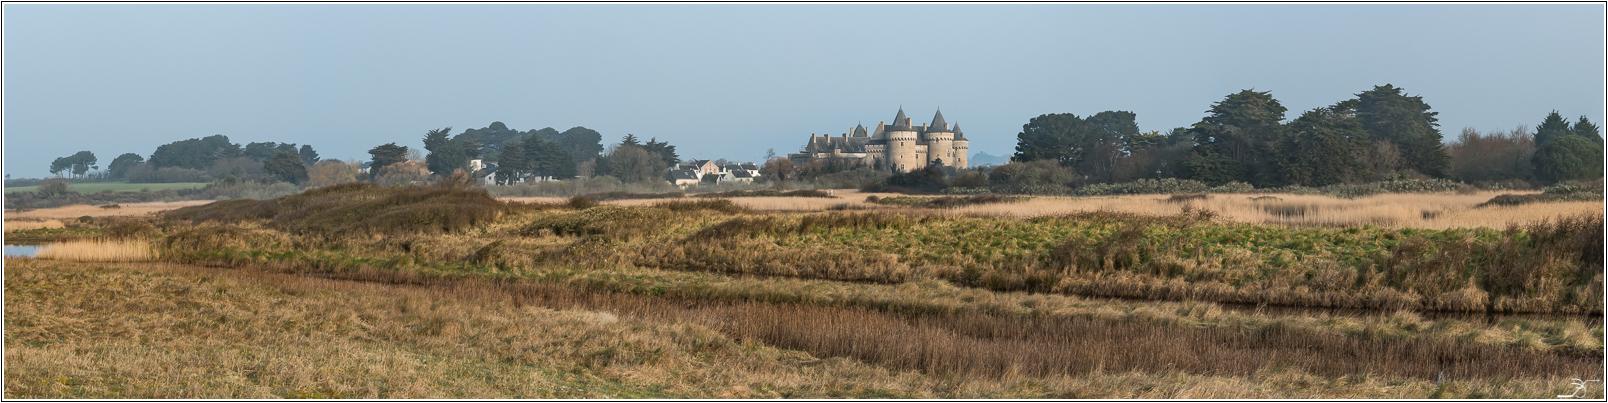 Morbihan: Suscinio, la plage 359004LR6P3130075Panorama